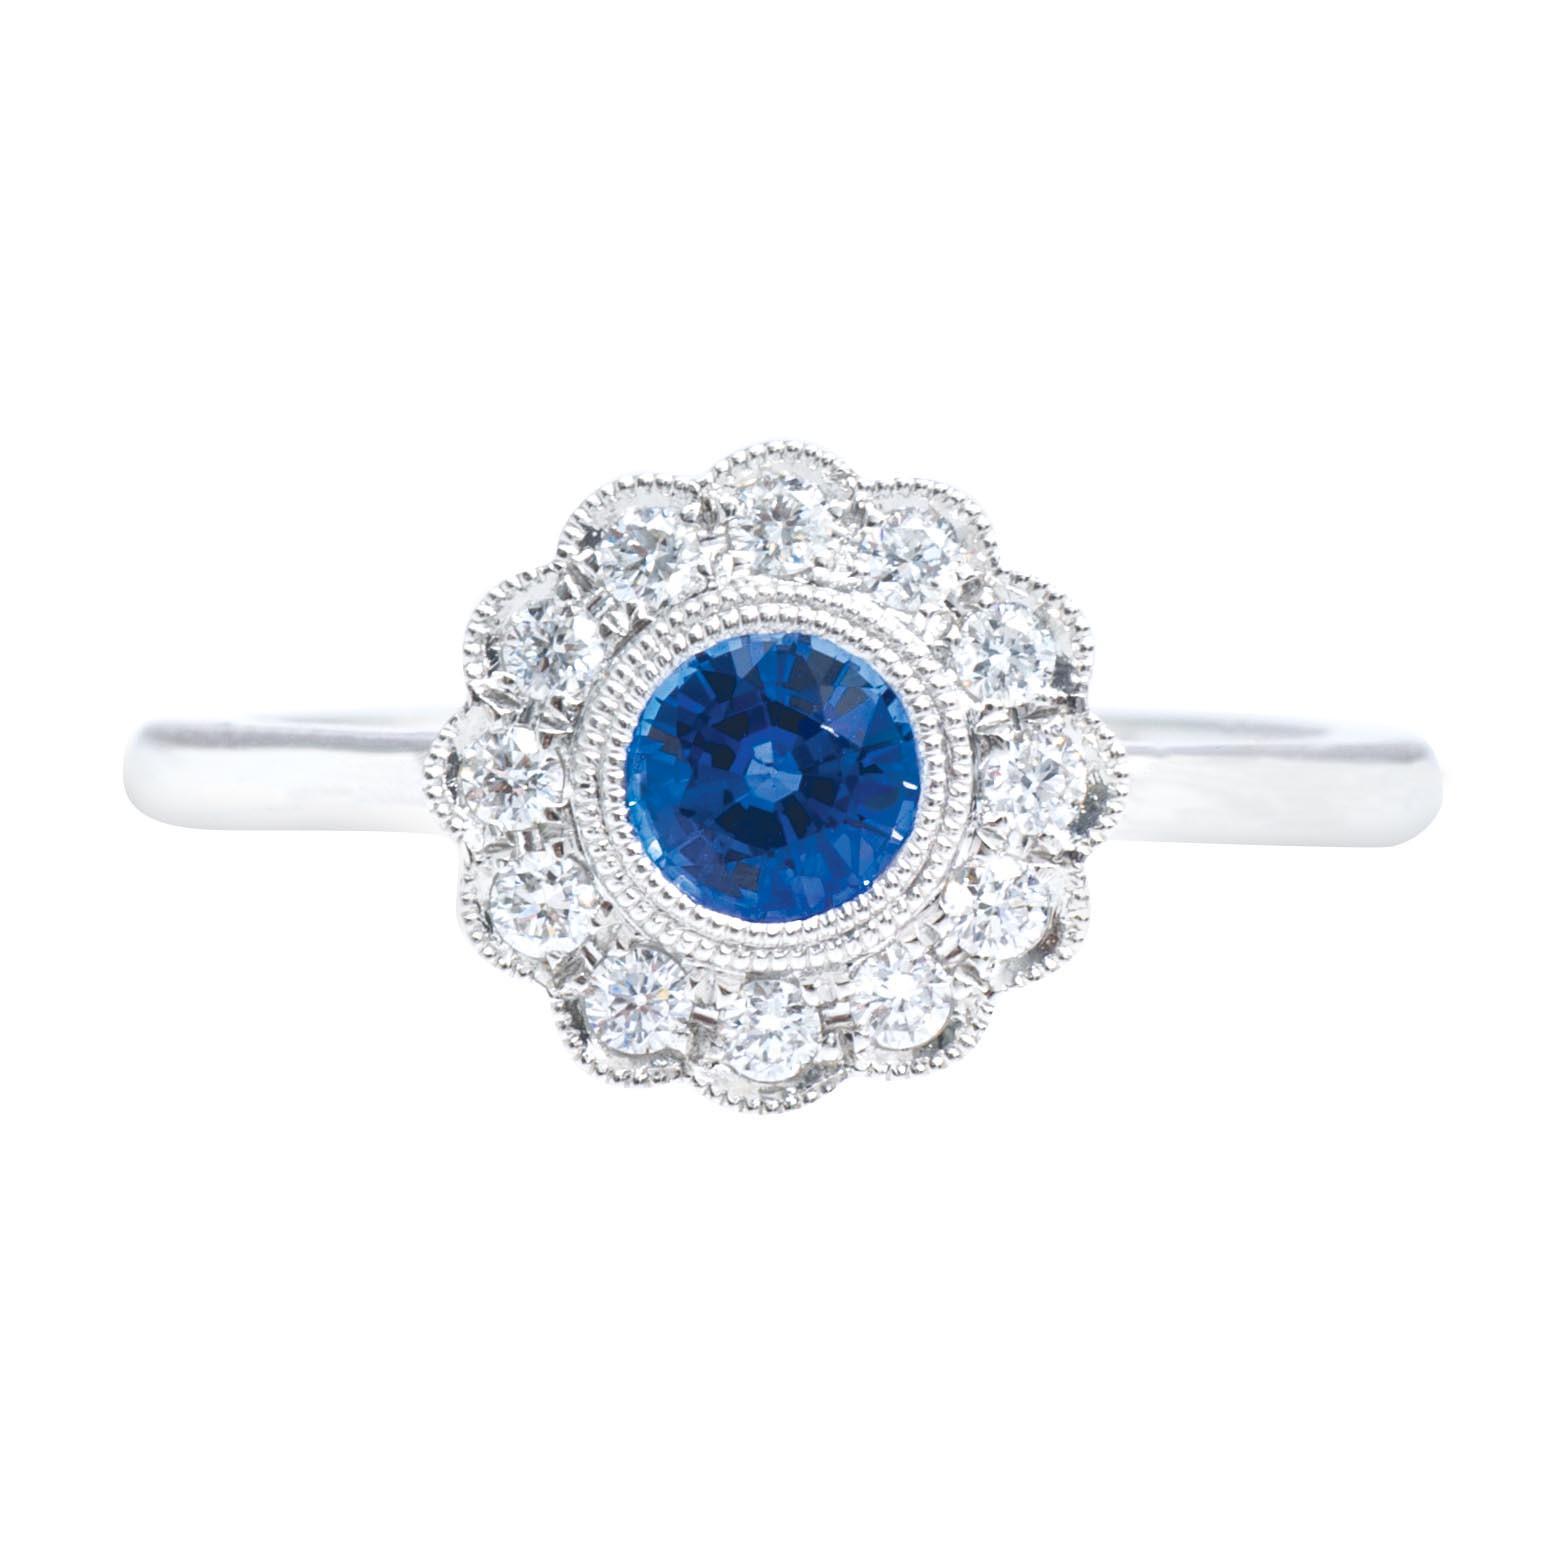 New 0.71 CTW Sapphire & Diamond Ring